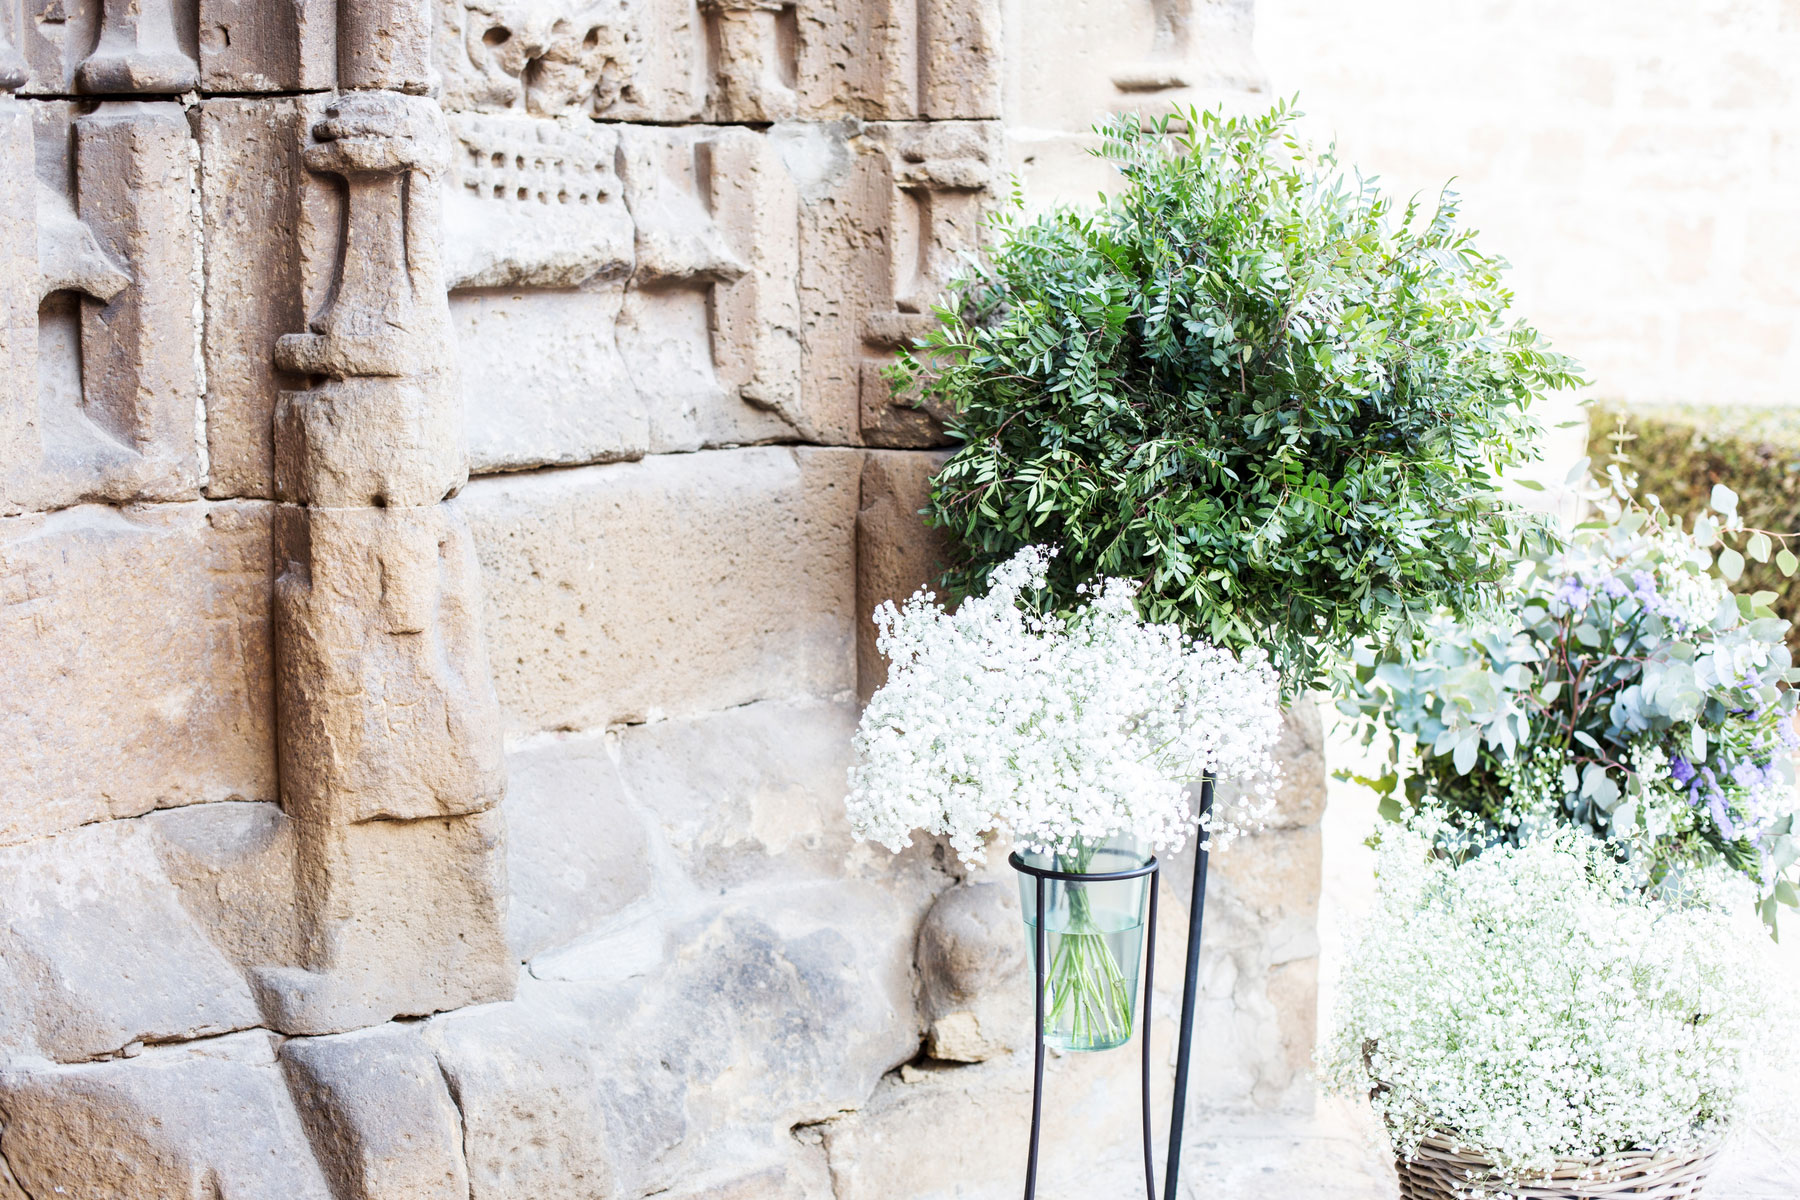 Boda elegante en Úbeda Andalucía decoración Iglesias bodegón entrada